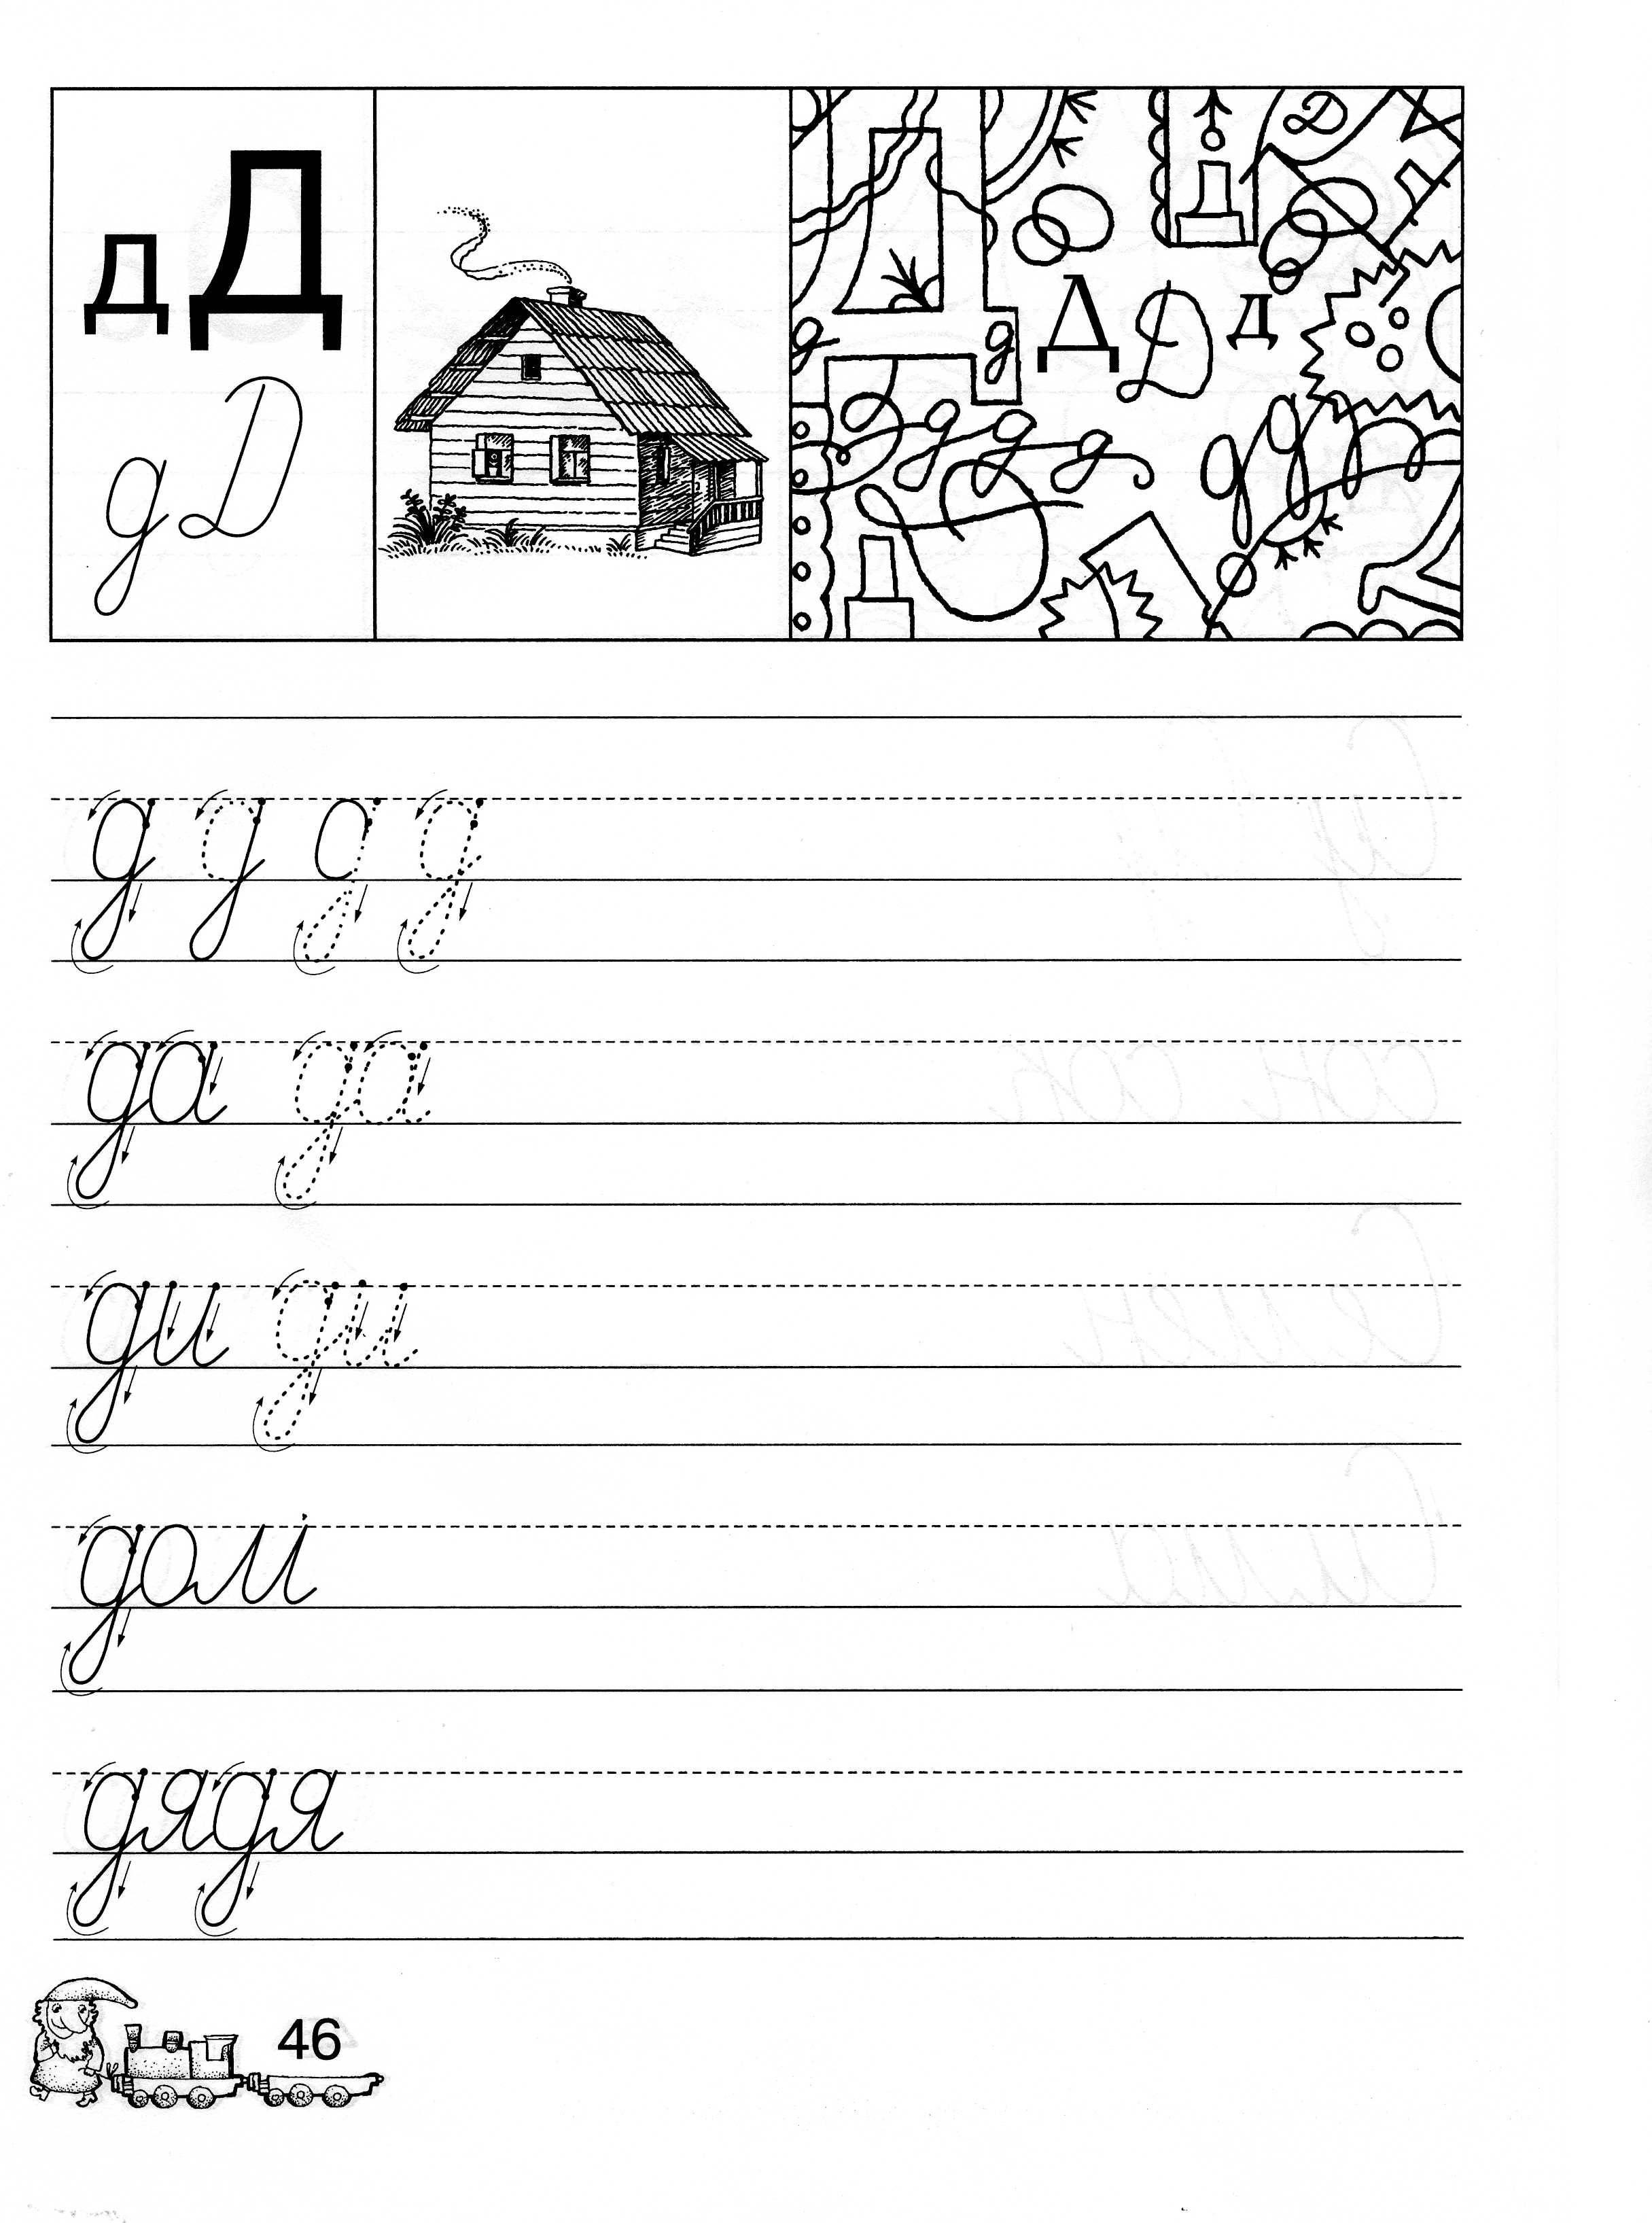 Обучение письму в 1 классе — период, наиболее ответственный в становлении детского почерка.